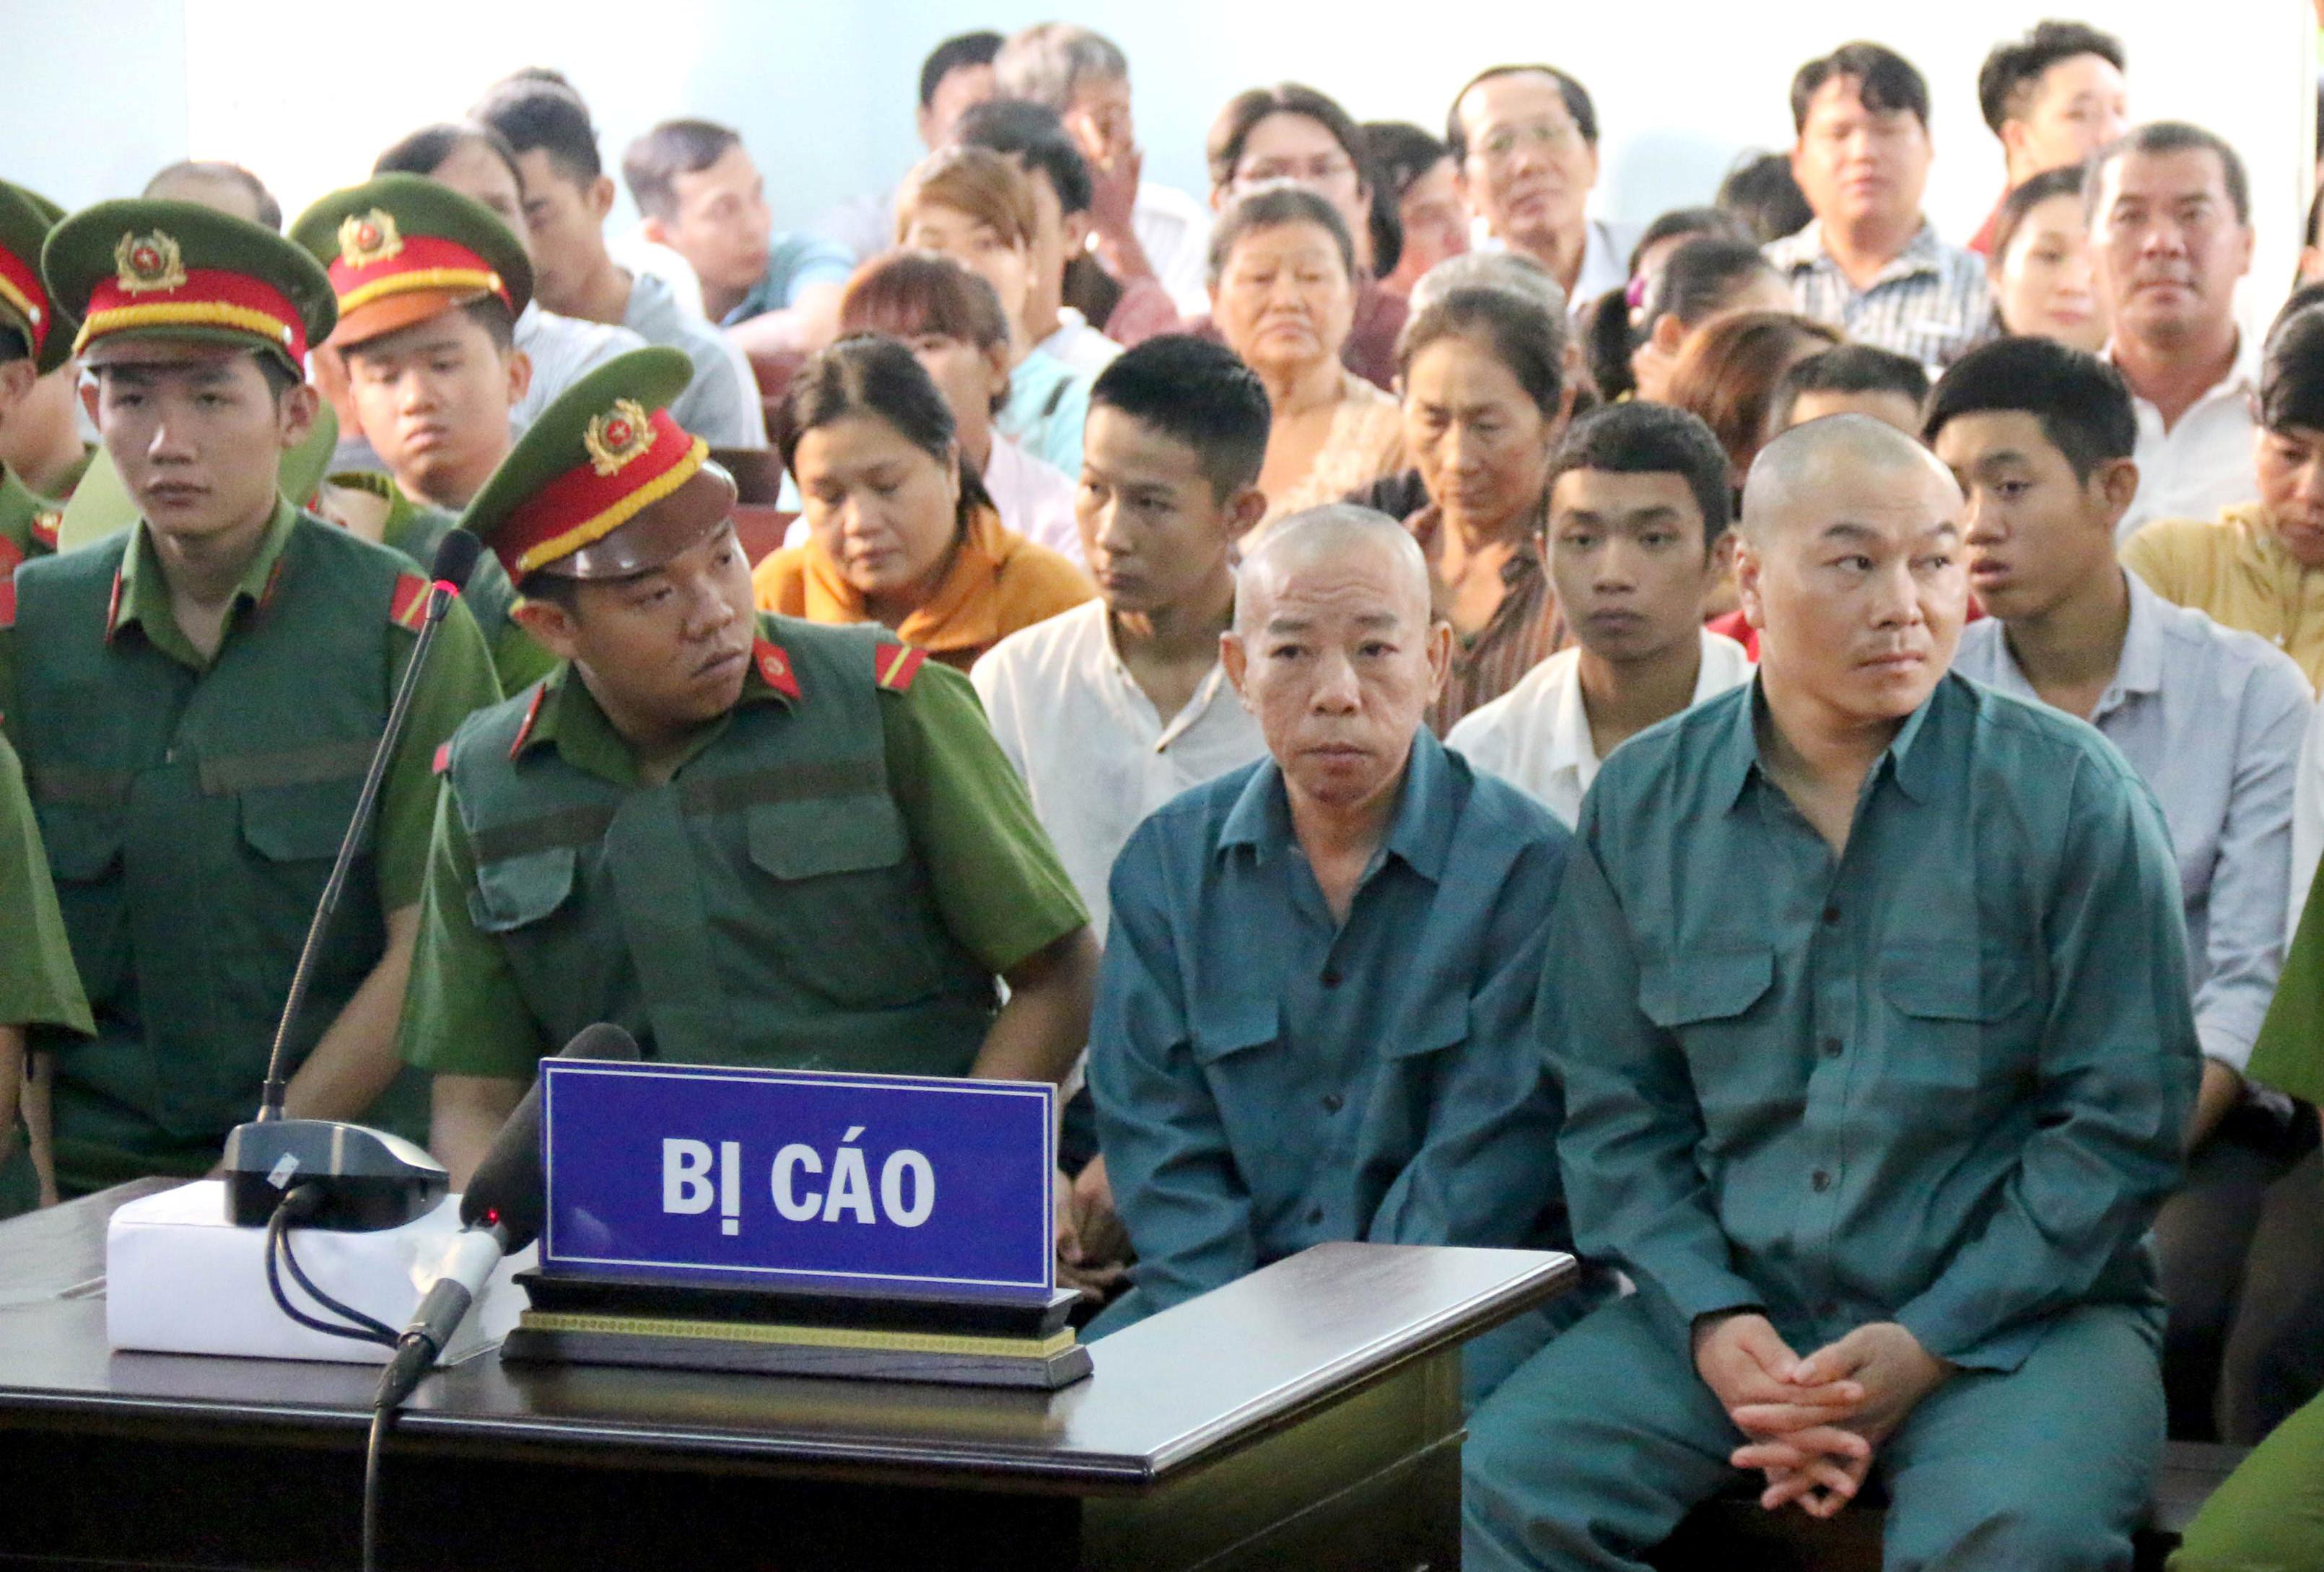 30 người quá khích tấn công trụ sở công quyền ở Bình Thuận lĩnh án Ảnh 2